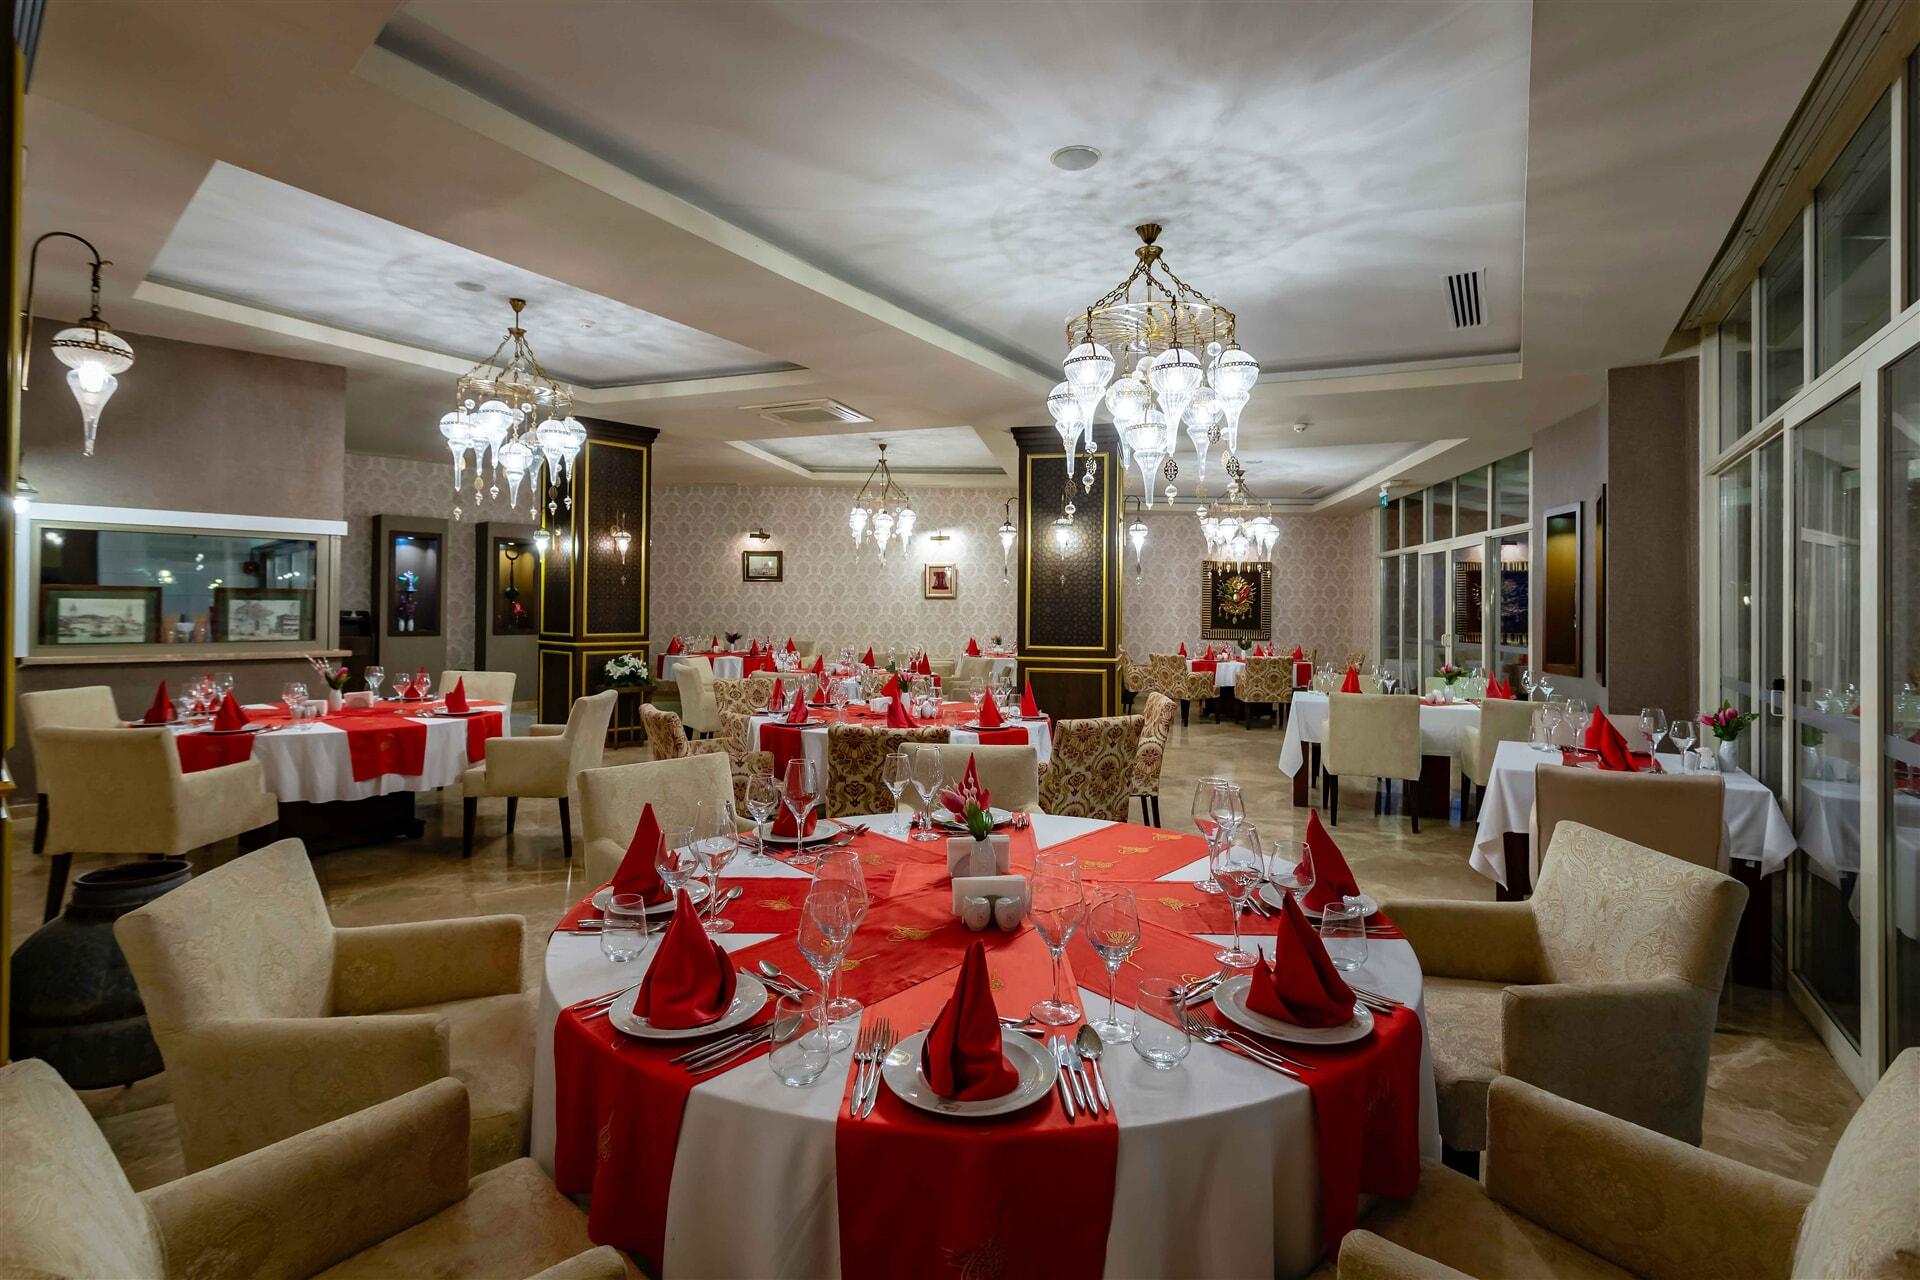 Özel dizayn edilmiş bir ortamda, eşsiz Osmanlı mutfağının tatlarını deneyimleyebilirsiniz.